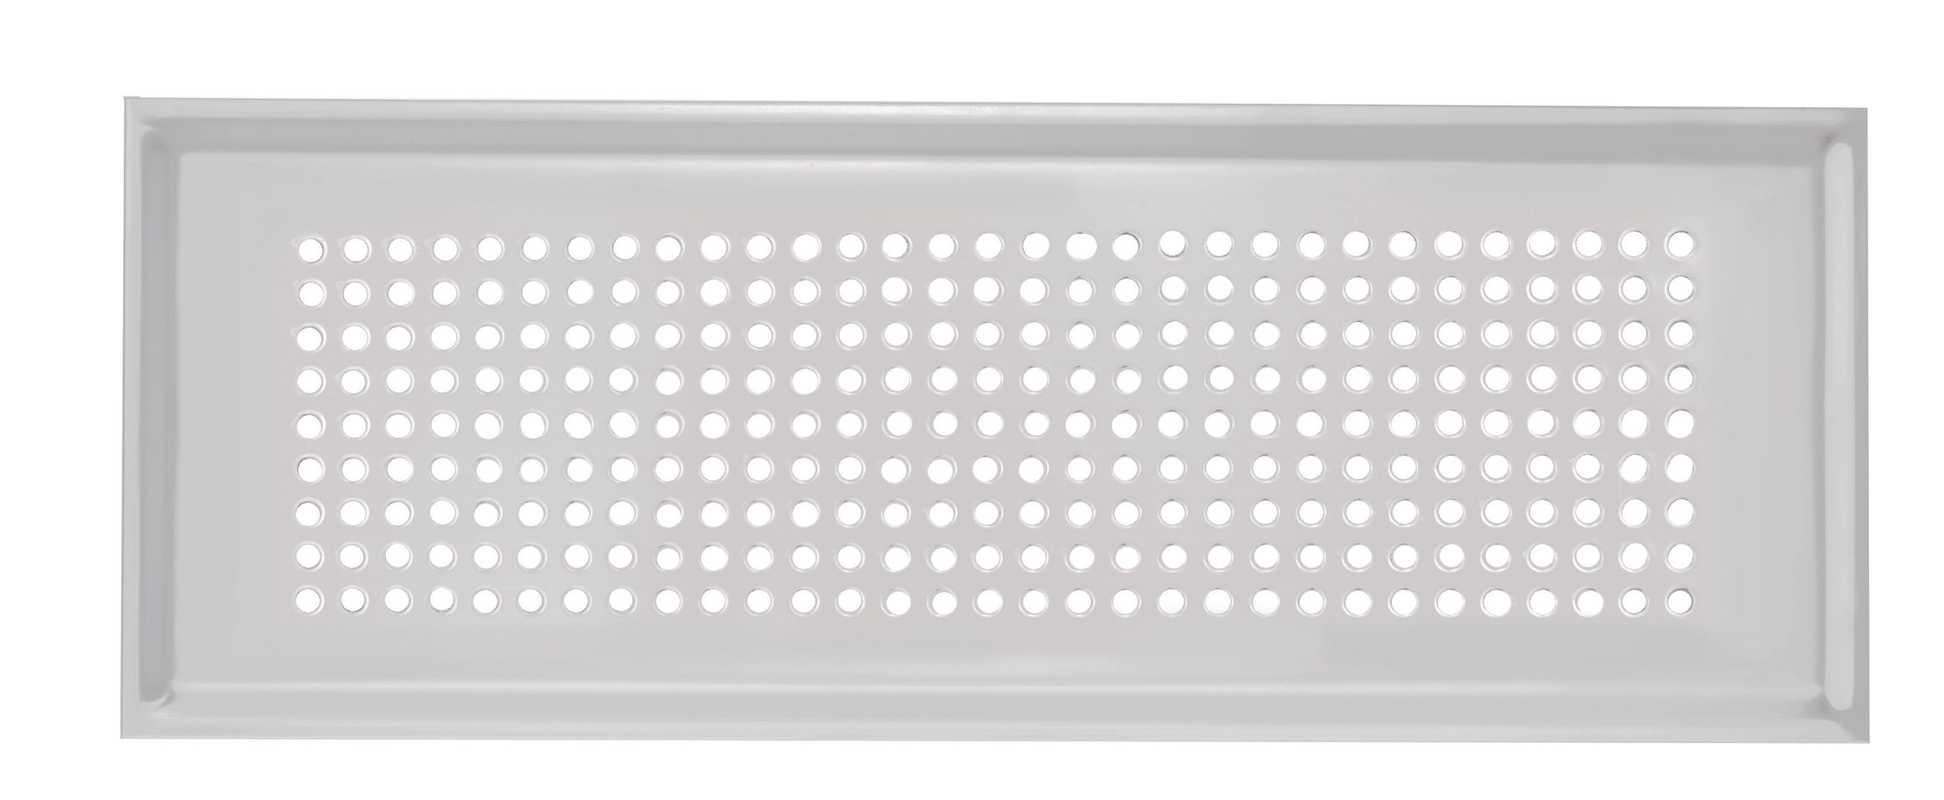 Grilles design blanc pour CLF